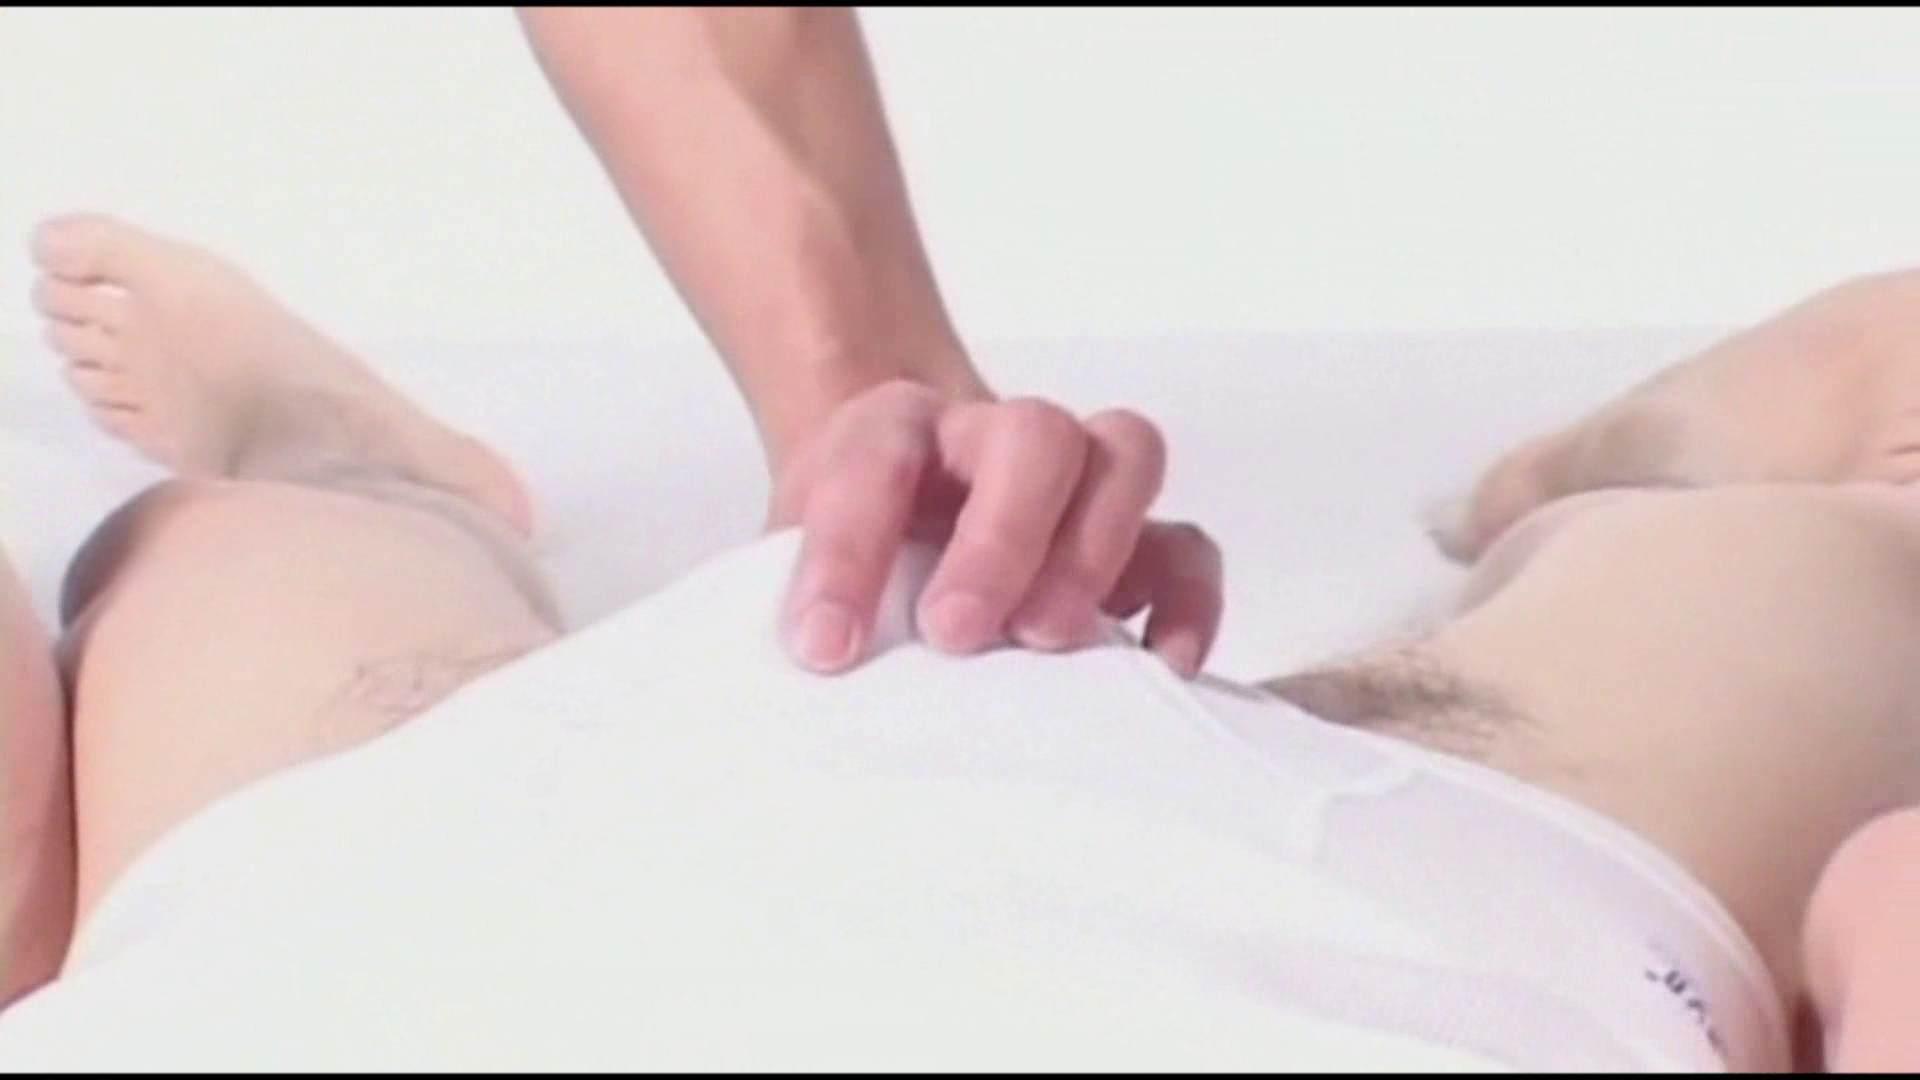 ショウ&ナオキのエロMAXファンタジーVOL.06(ナオキ&ショウ共同作業編) 3P  61連発 18